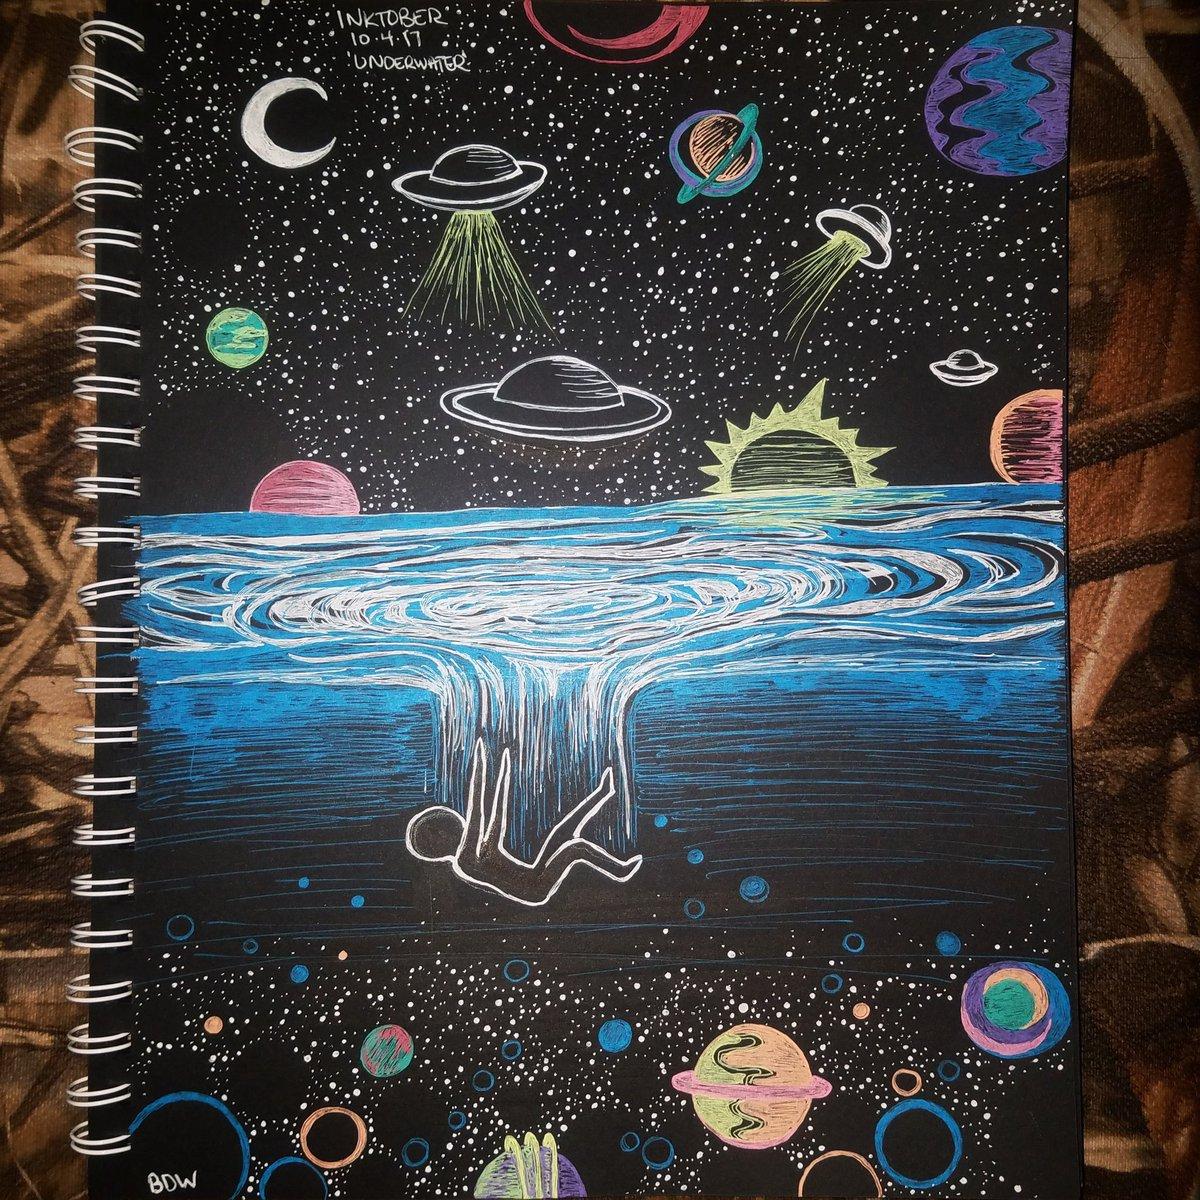 10/4 - Underwater